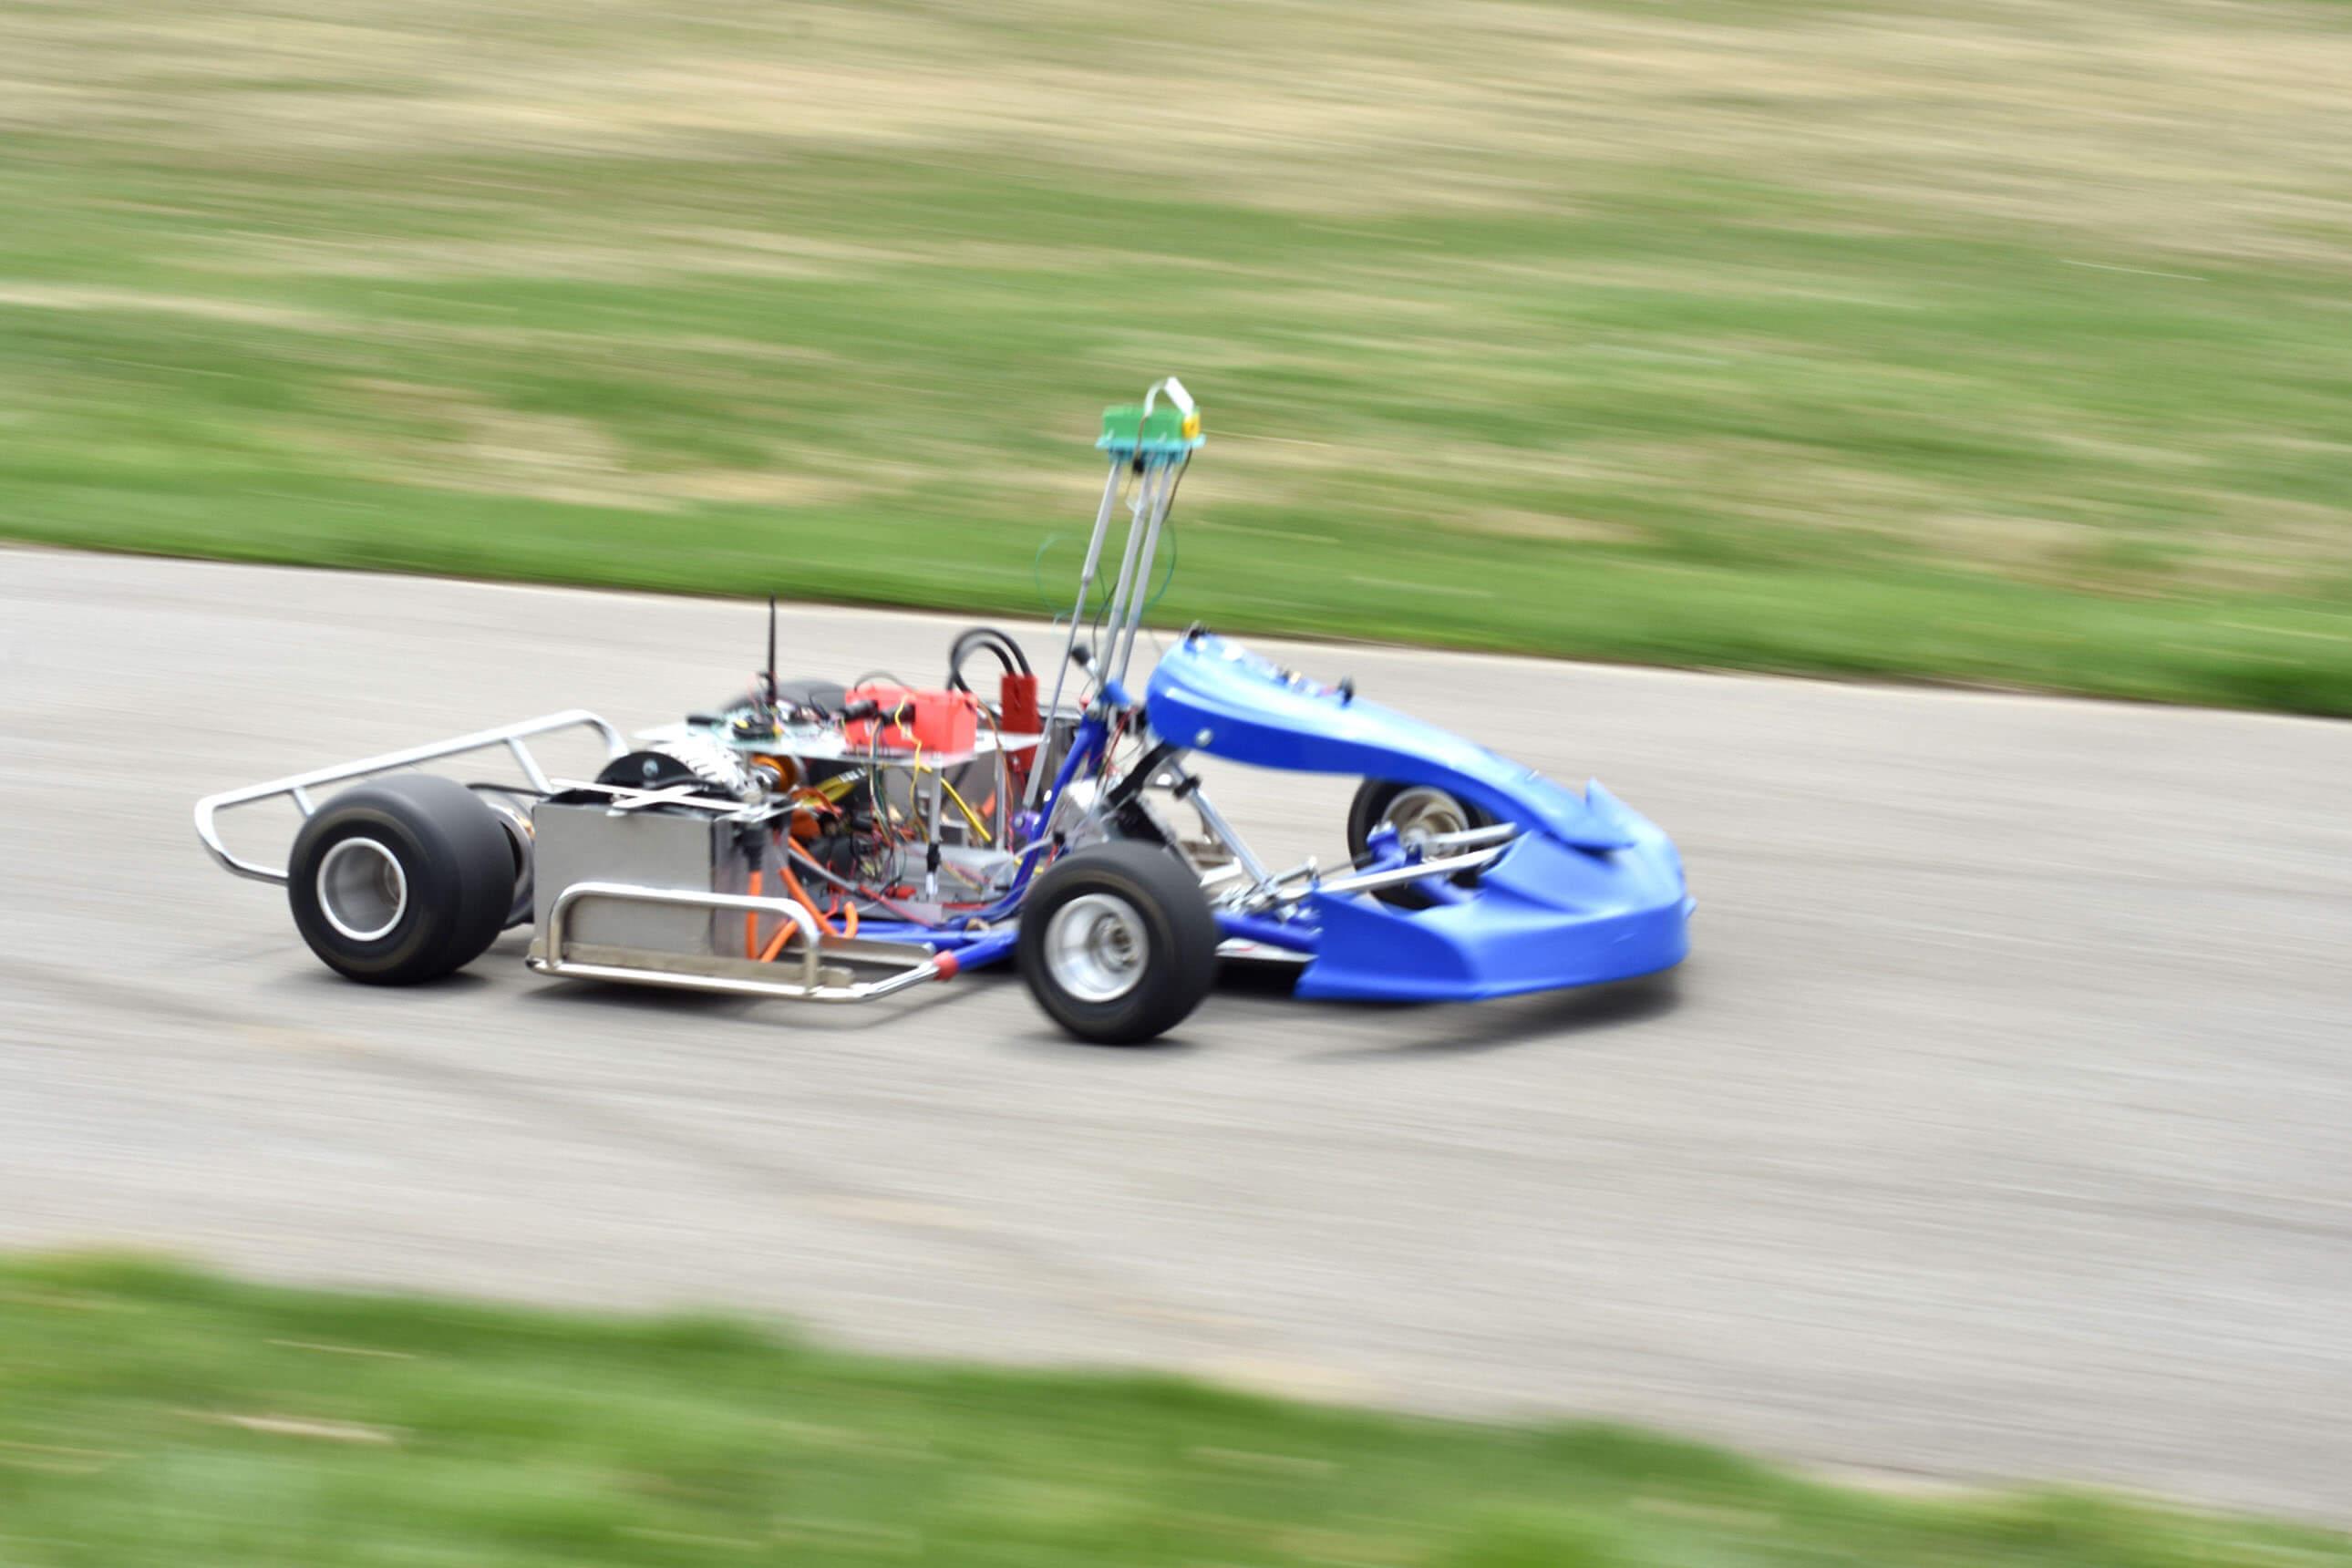 Električni, samovozeći, autonomni karting